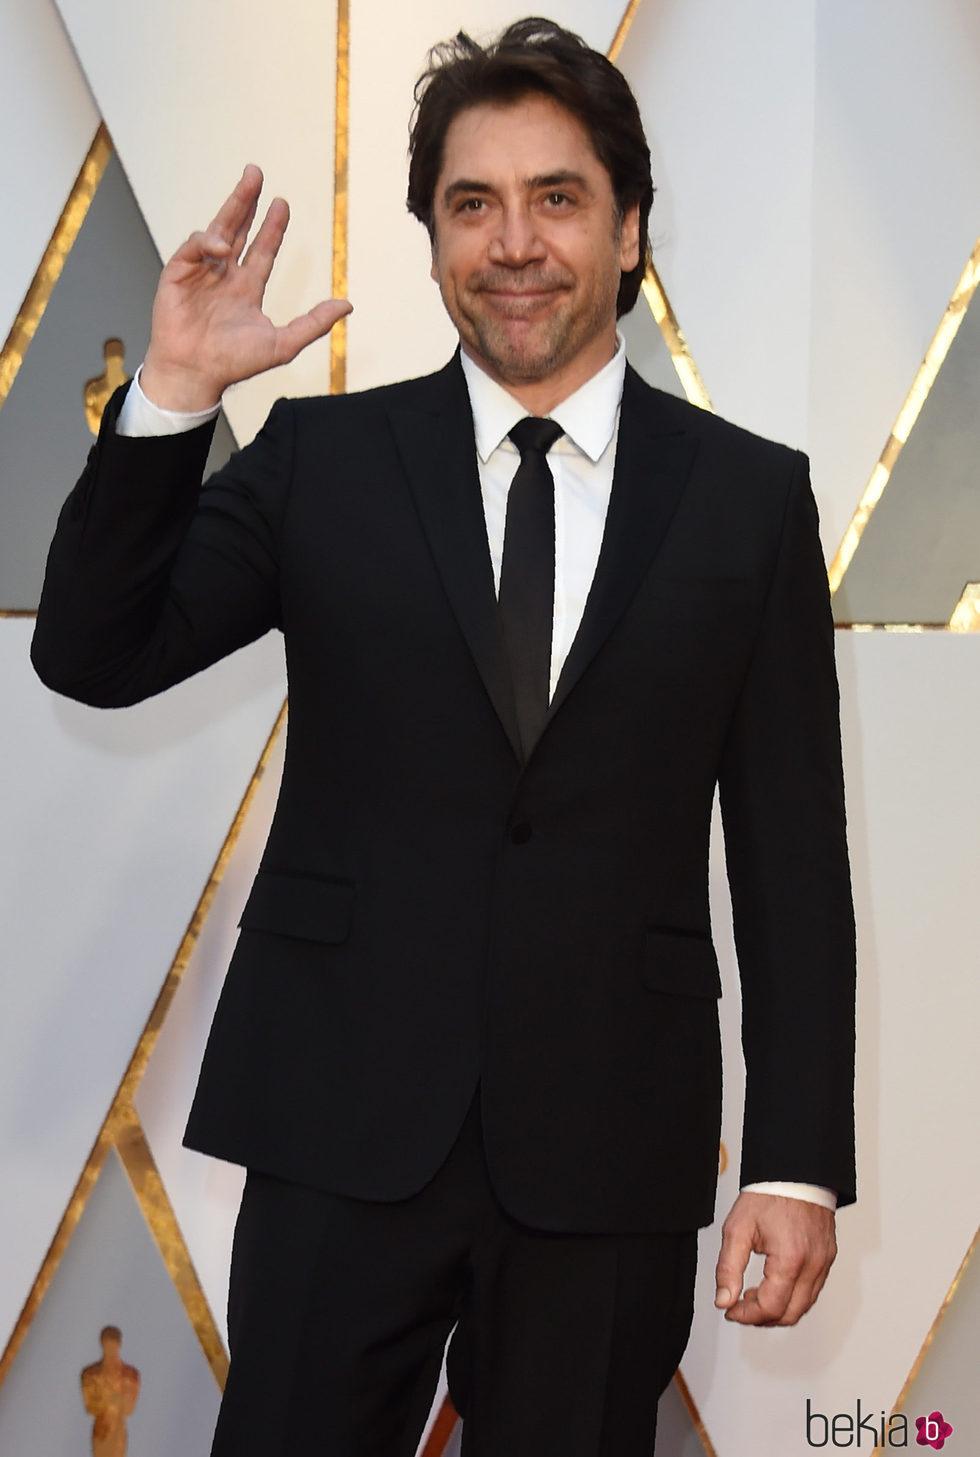 Javier Bardem saludando en la alfombra roja de los Premios Oscar 2017